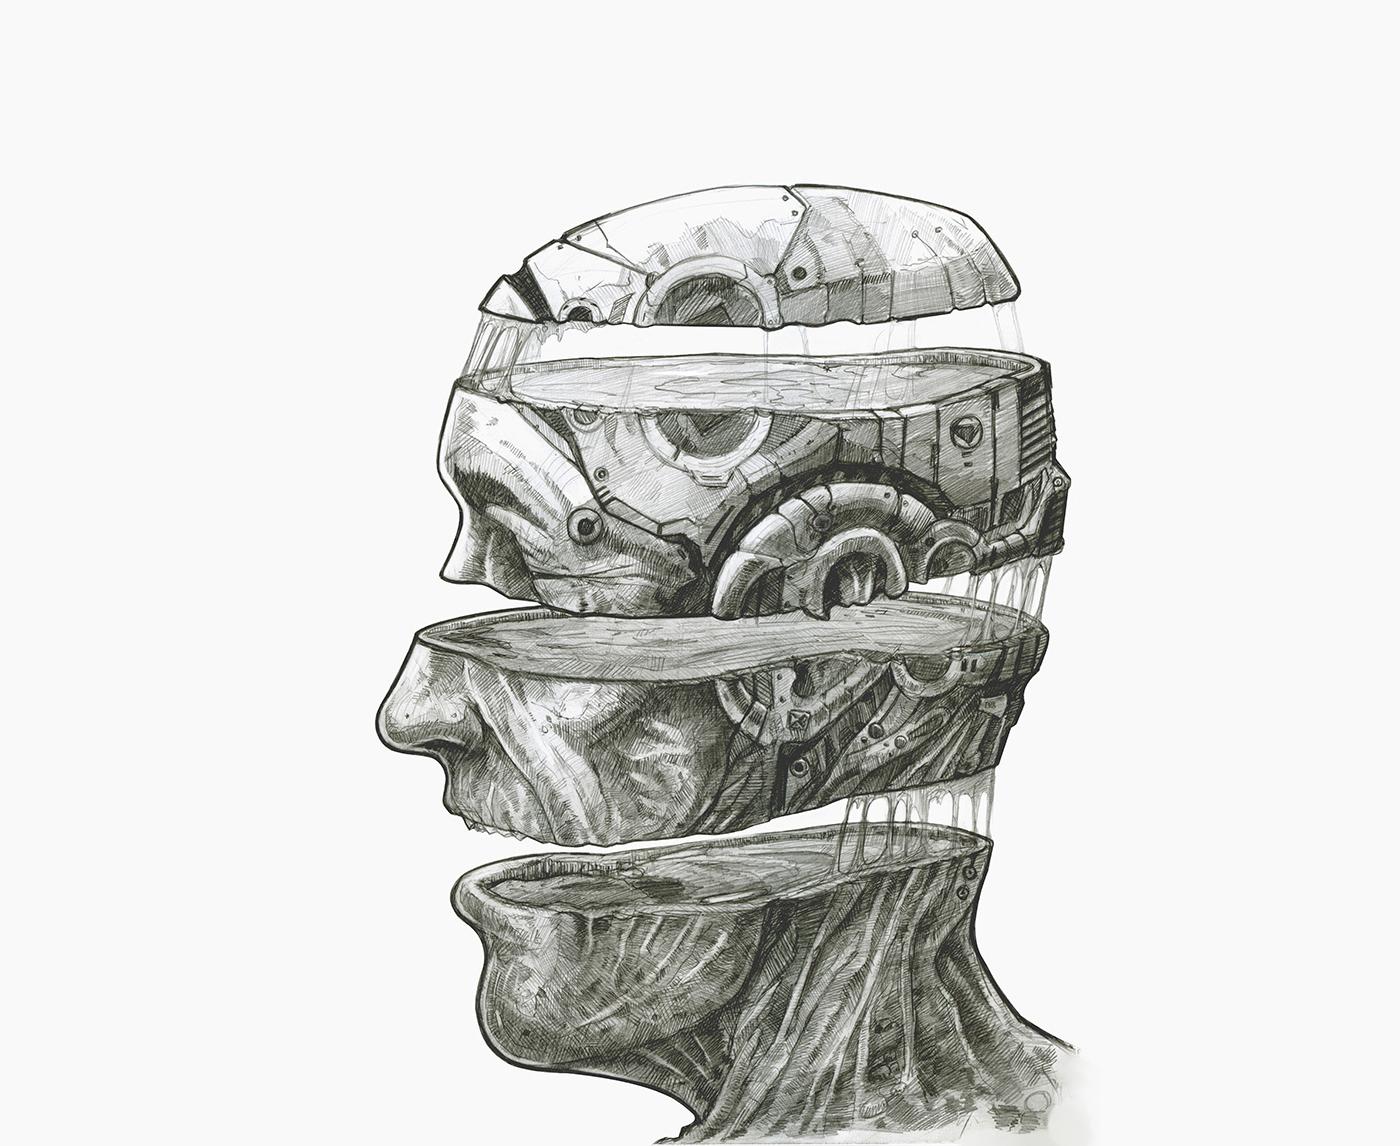 Pencil HB mind split